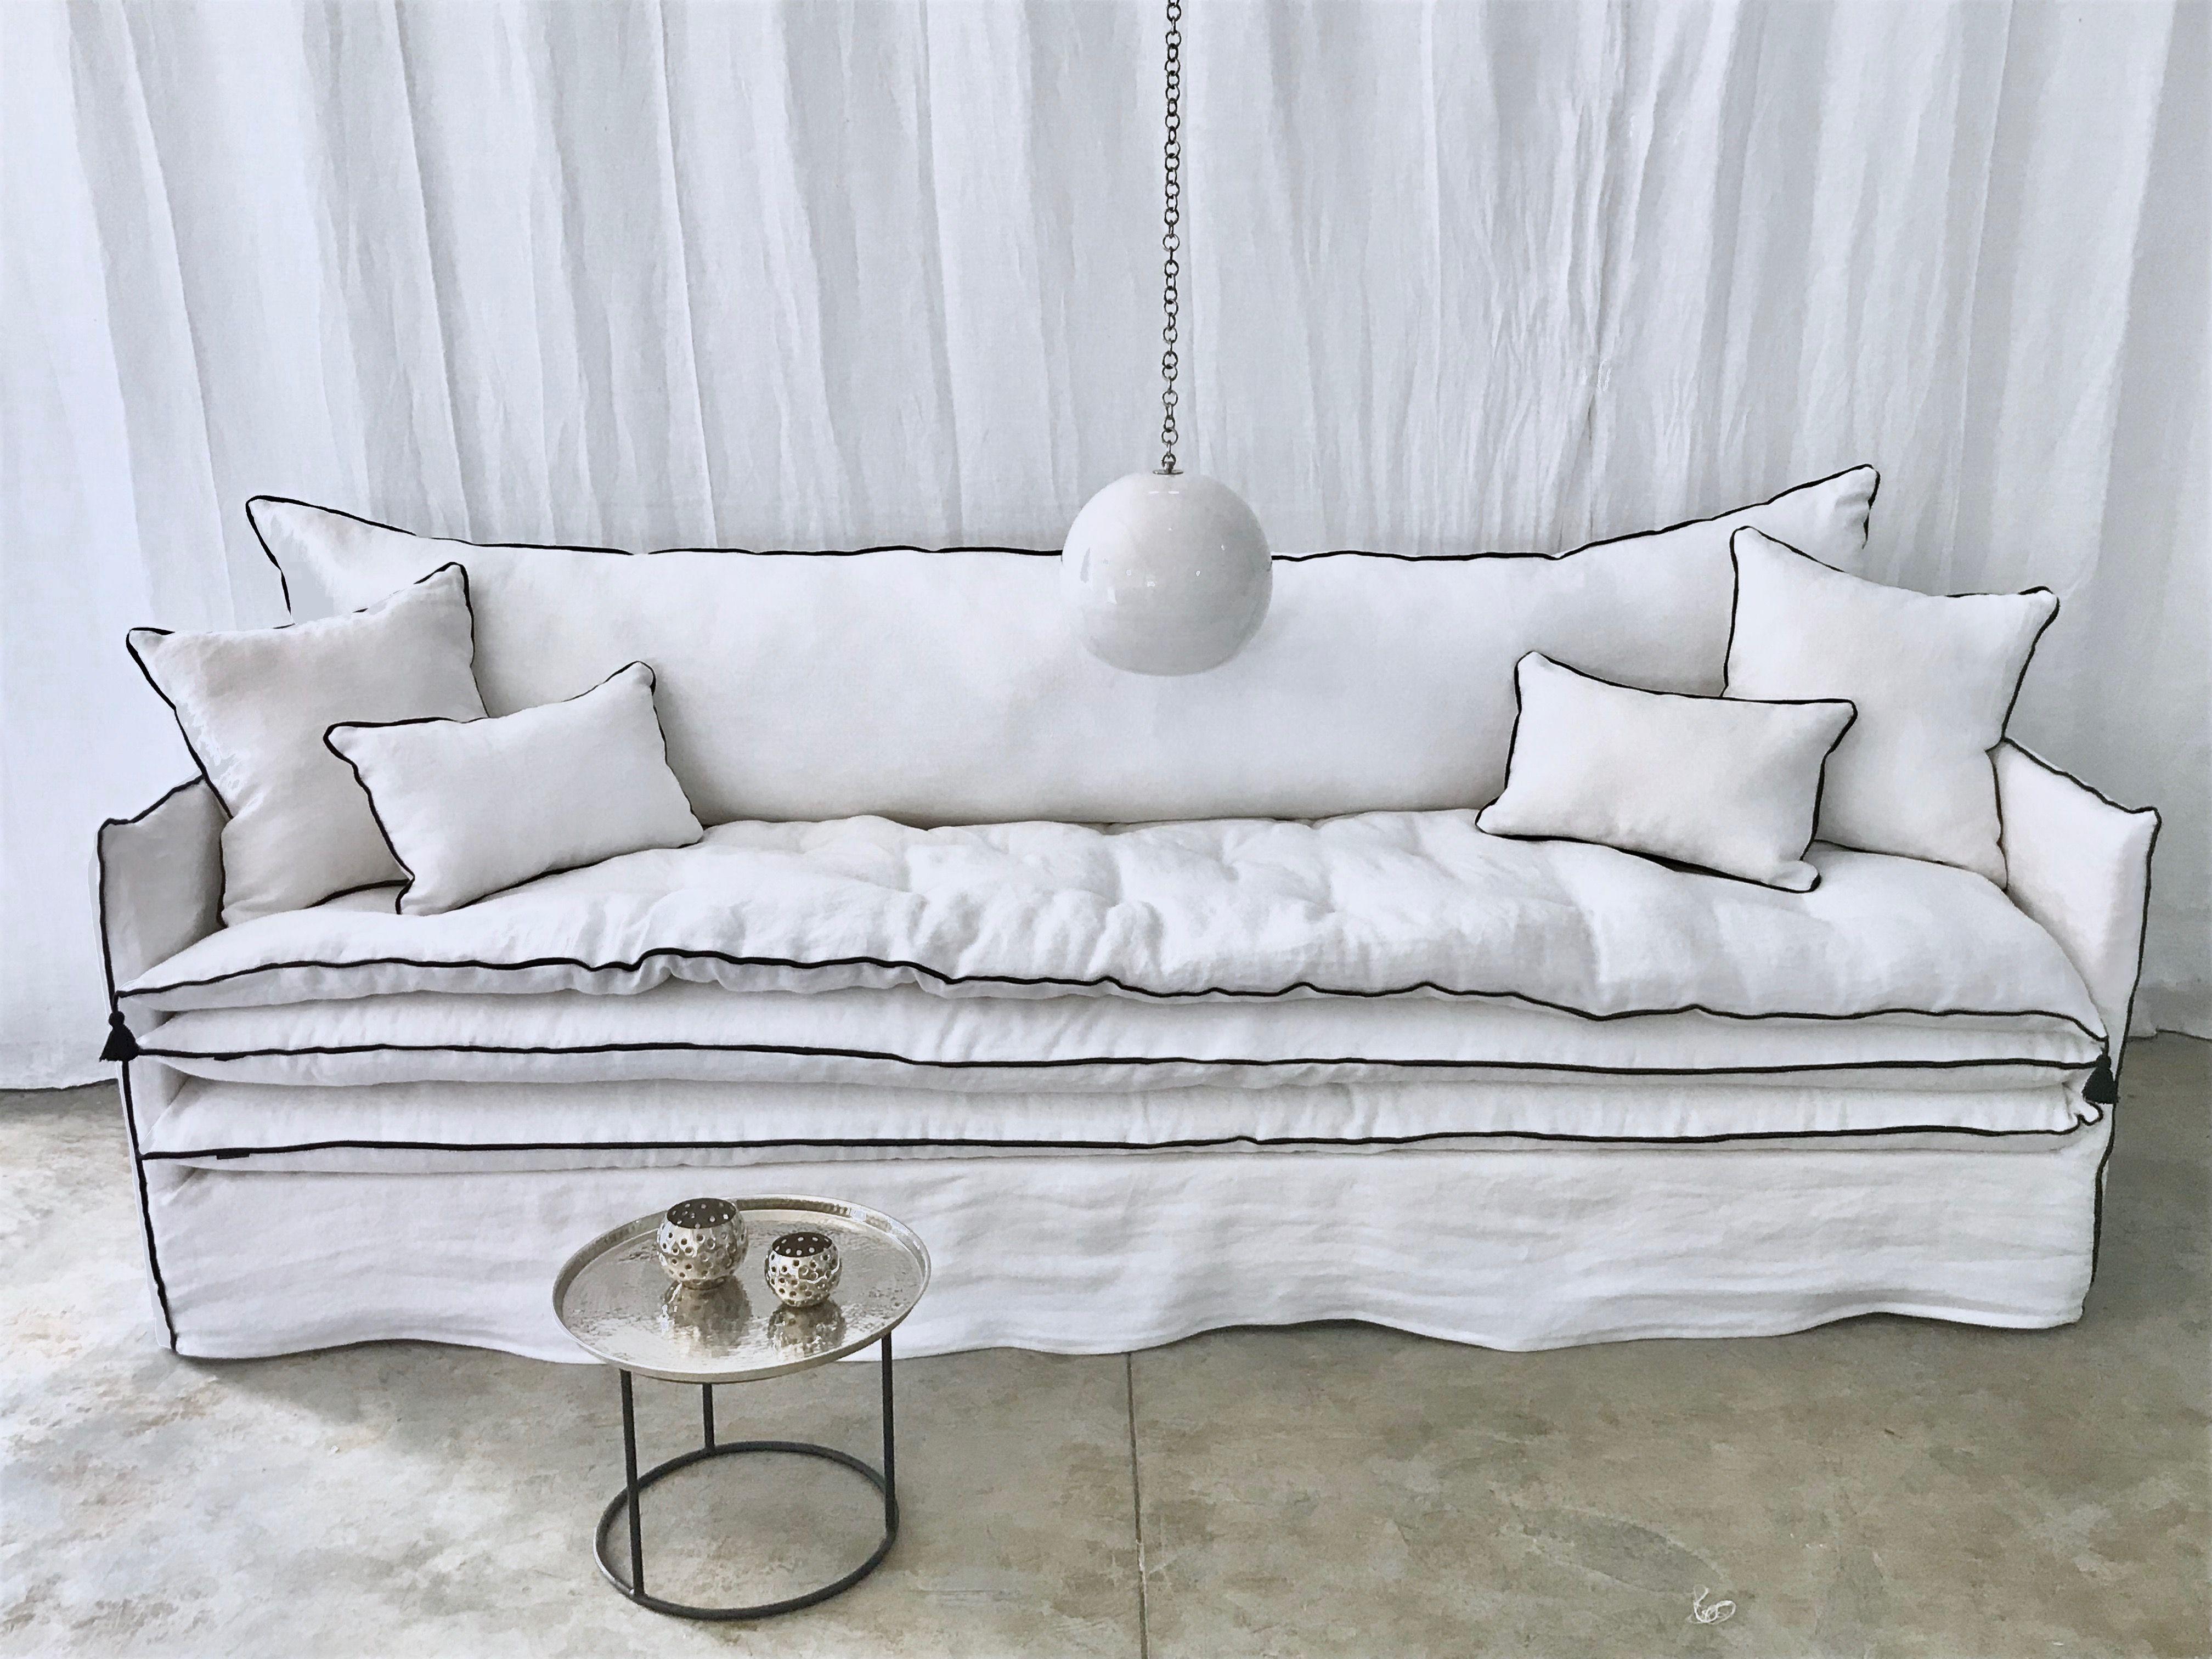 Canape Sur Mesure Lin Lave Blanc Mille Et Une Nuit 2 Canape Haut De Gamme Canape Canape Lin